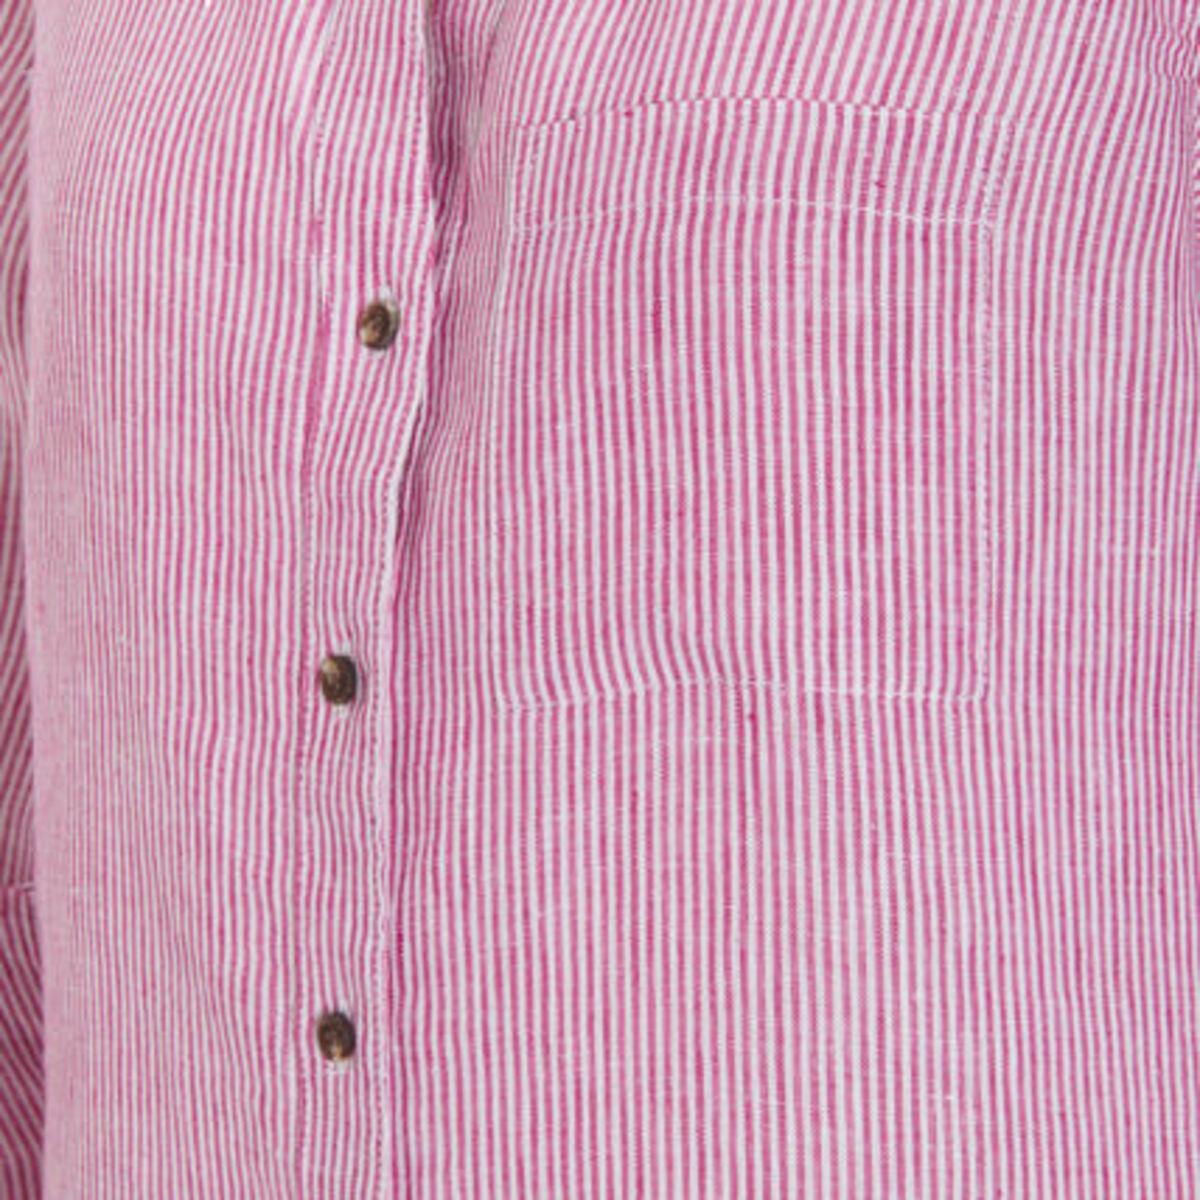 Bild 4 von Adagio Leinenbluse, Langarm, Riegel, Leinenblusenkragen, Knopfleiste, Streifen, für Damen